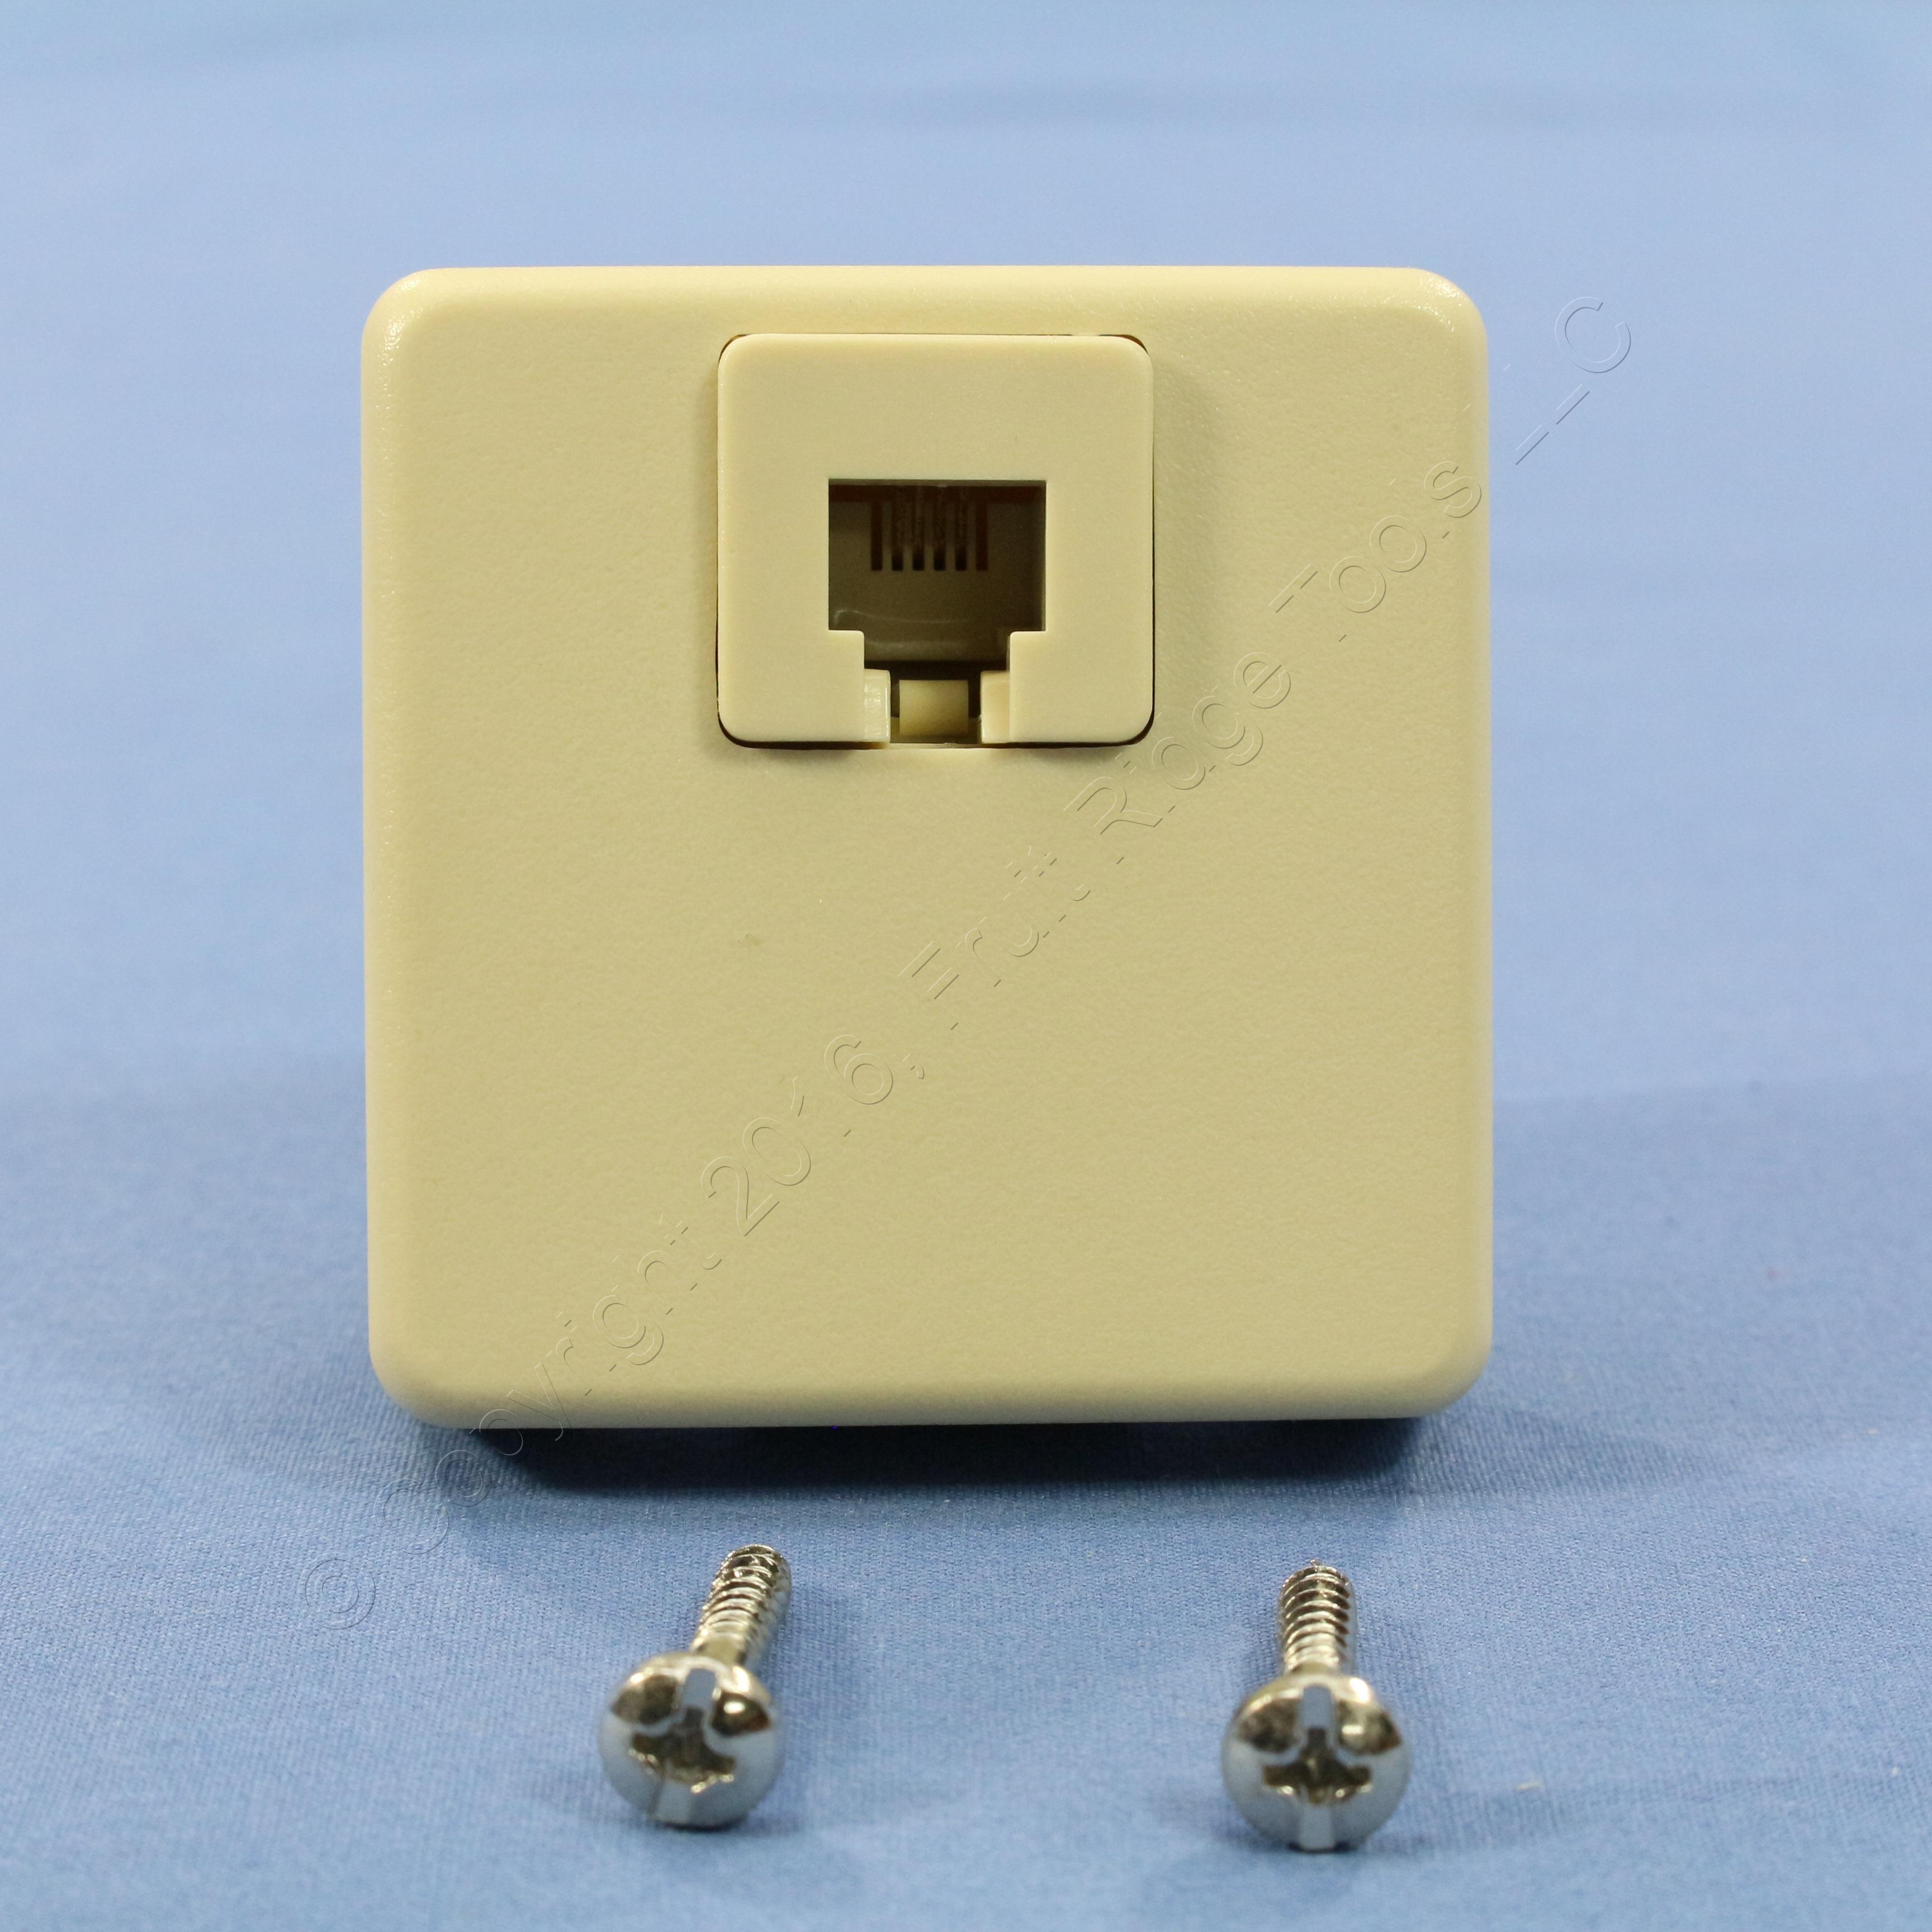 Leviton Ivory 4-Wire Surface Mount Phone Jack Telephone C0245-I | eBay